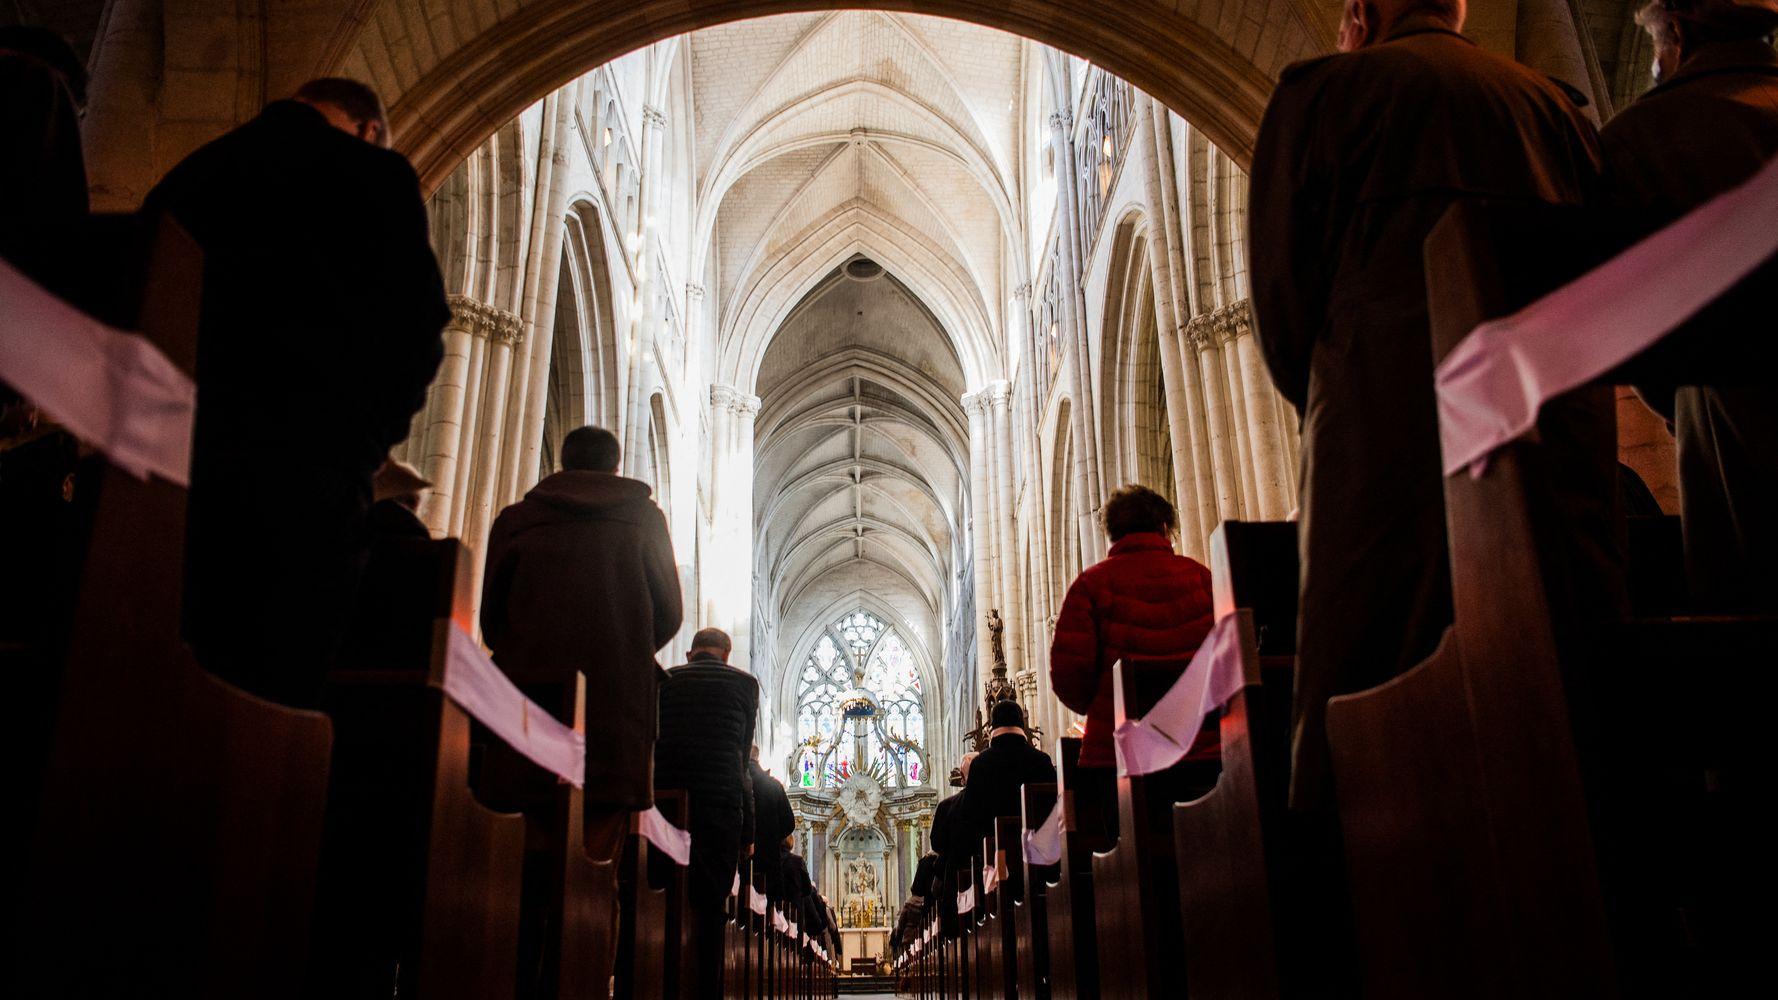 À l'église de Reims, 2 messes de Pâques sans masque ni gestes barrières